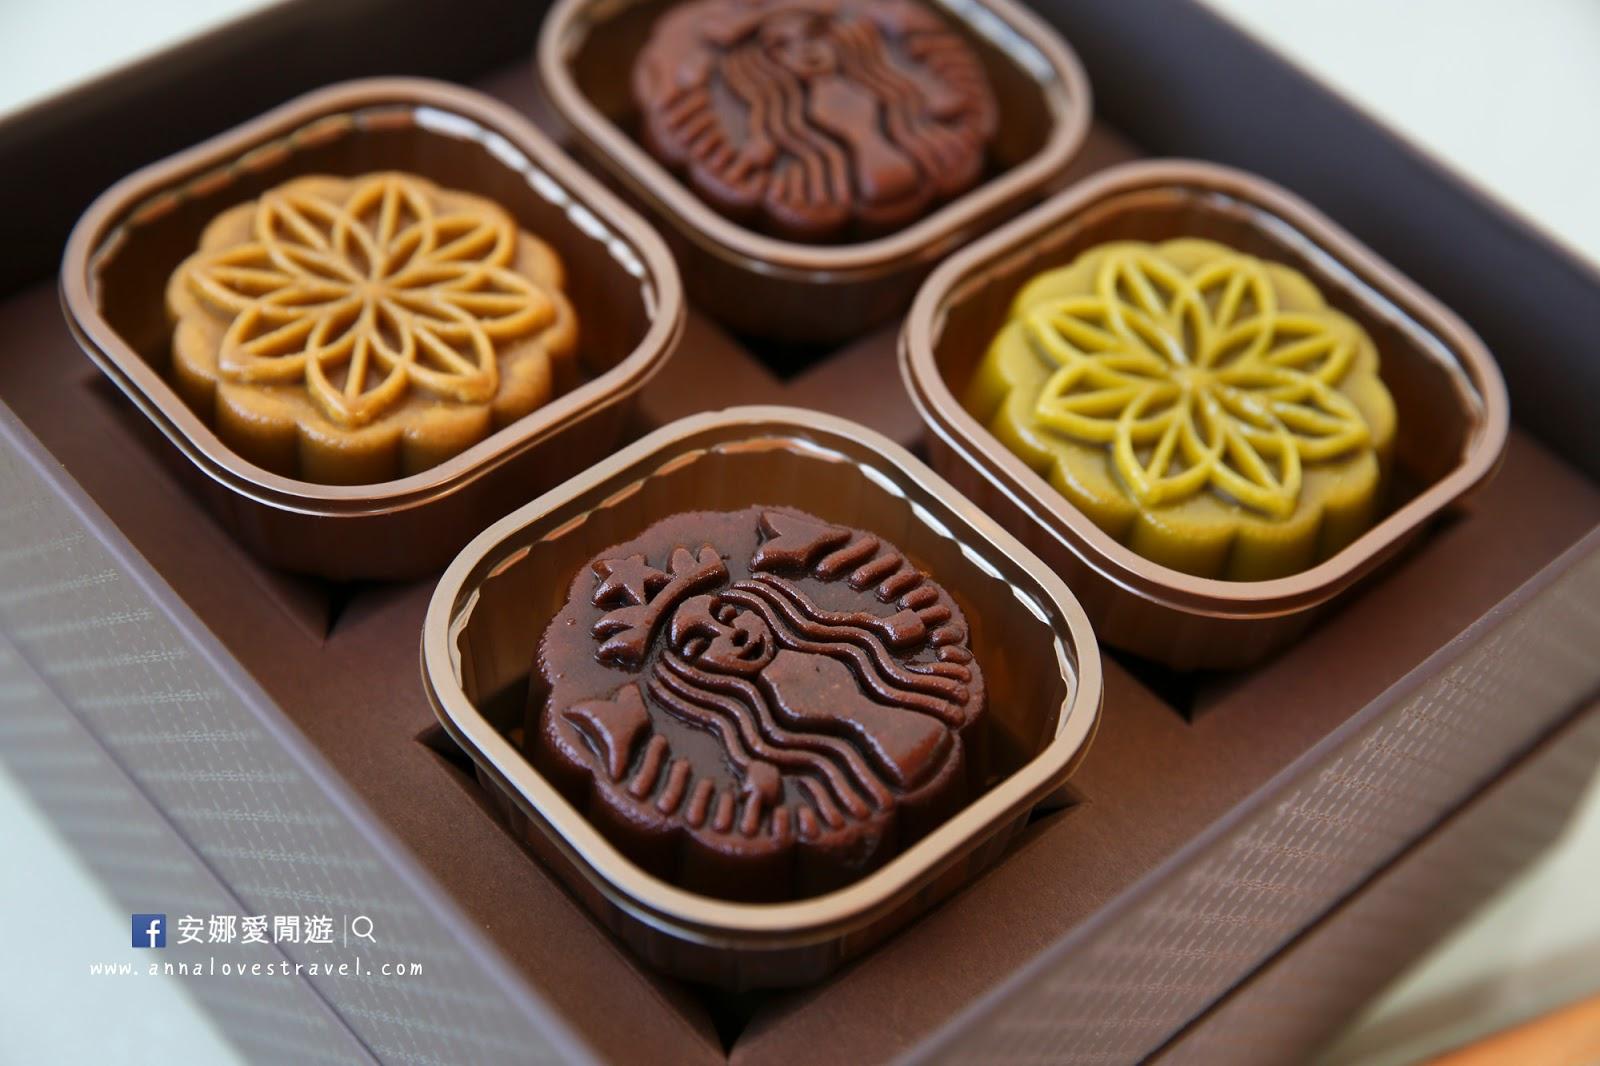 【星巴克·禮盒】星巴克月餅禮盒 – TouPeenSeen部落格